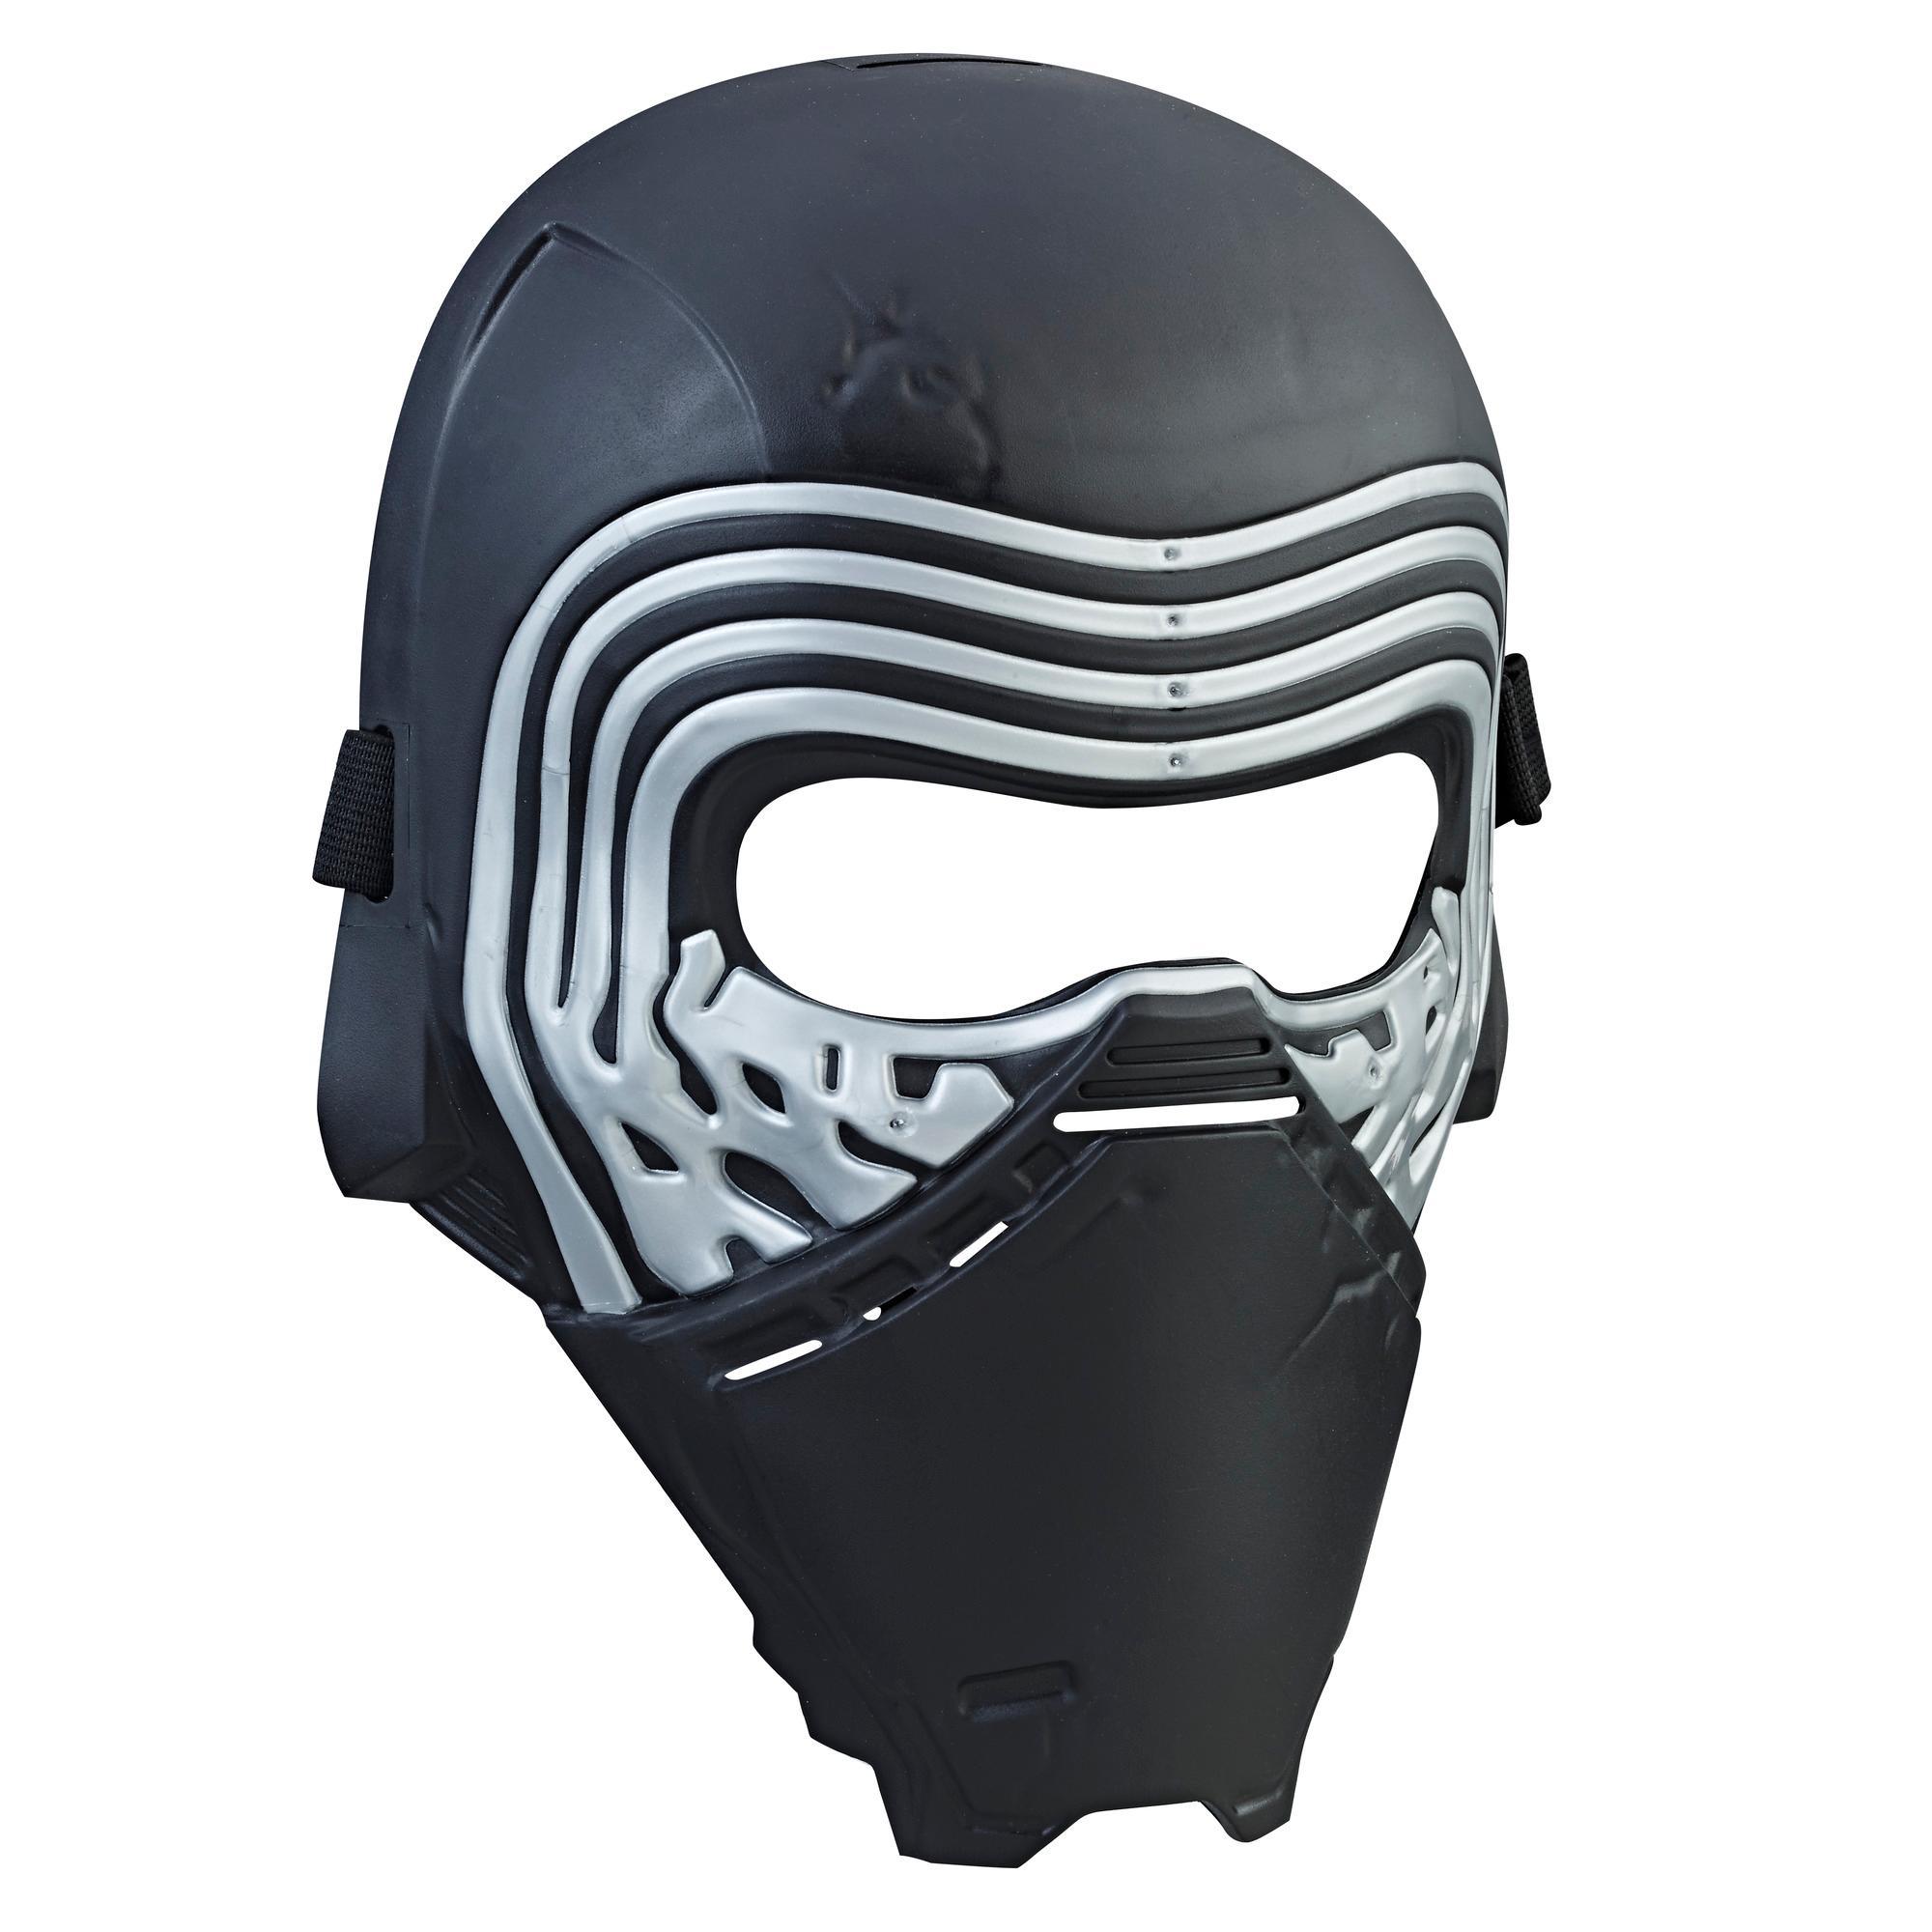 Star Wars Episode 8 Masken Kylo Ren